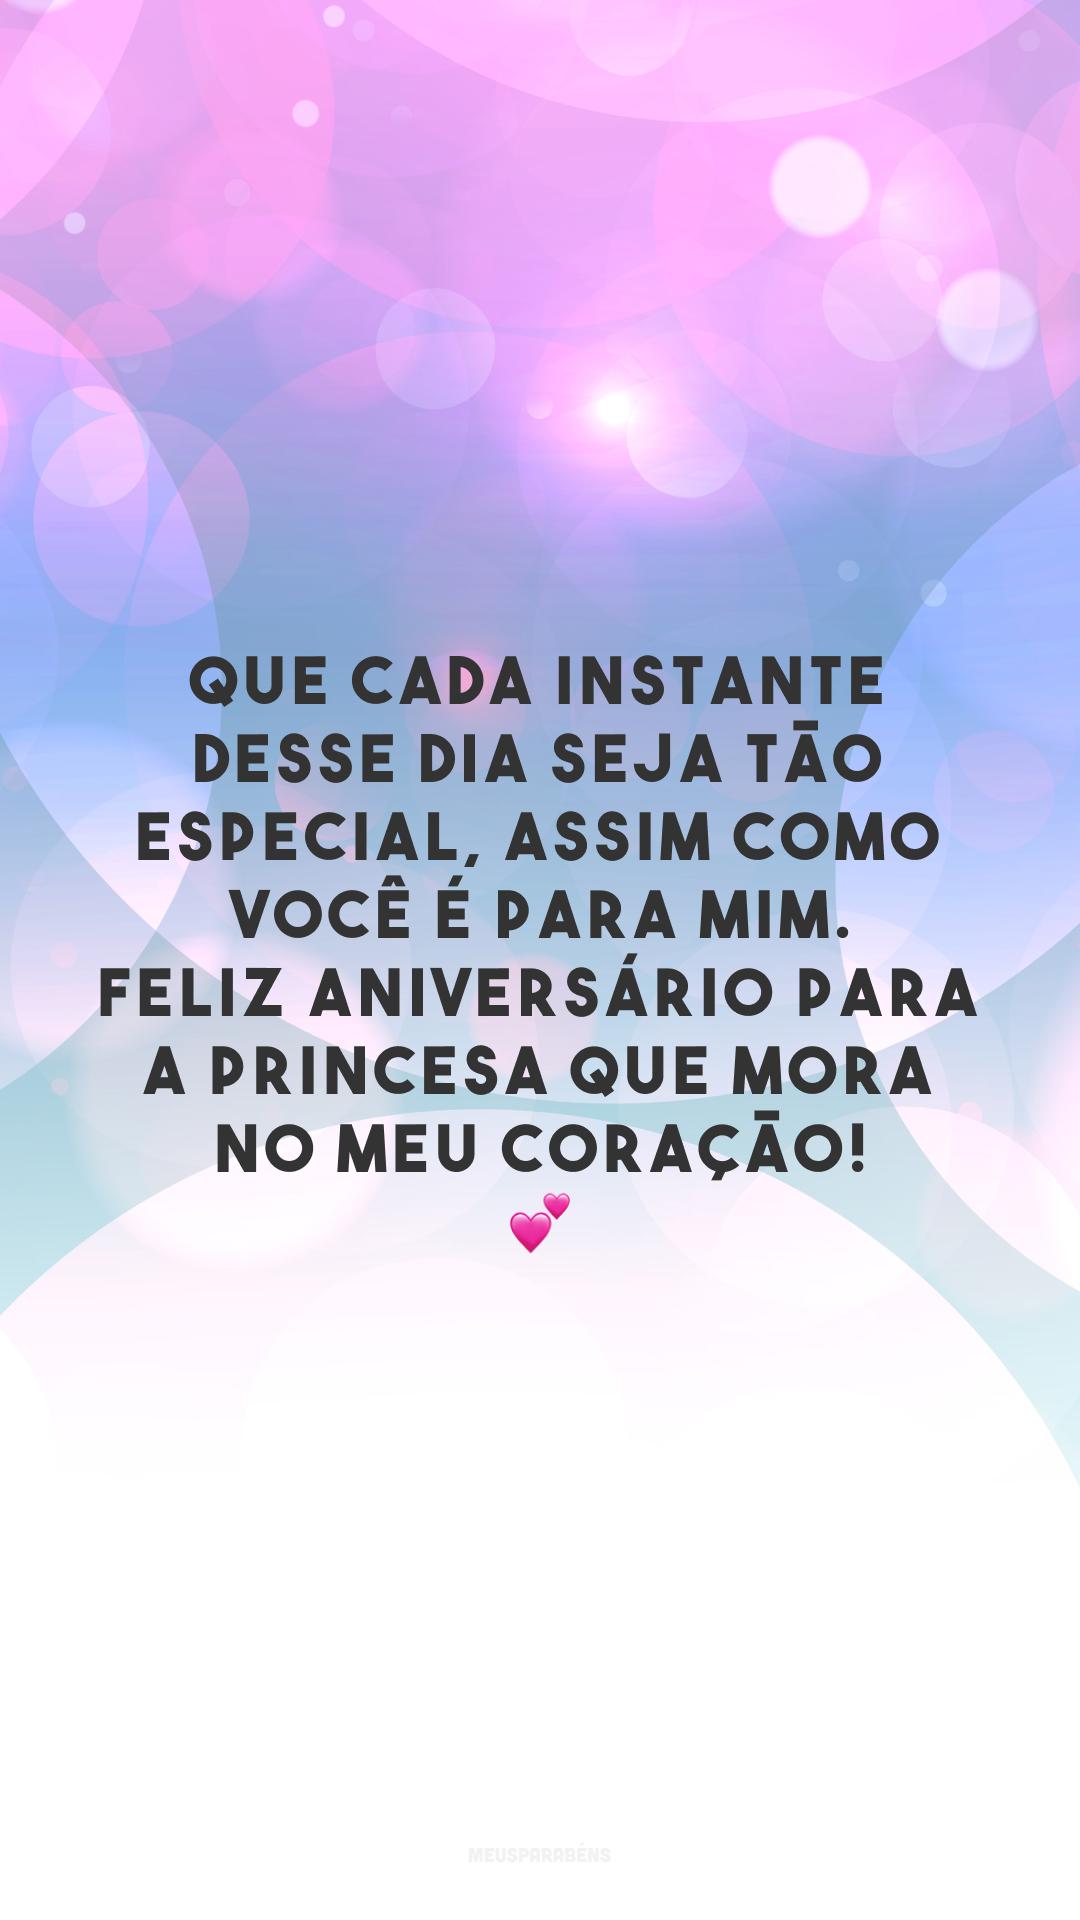 Que cada instante desse dia seja tão especial, assim como você é para mim. Feliz aniversário para a princesa que mora no meu coração! 💕